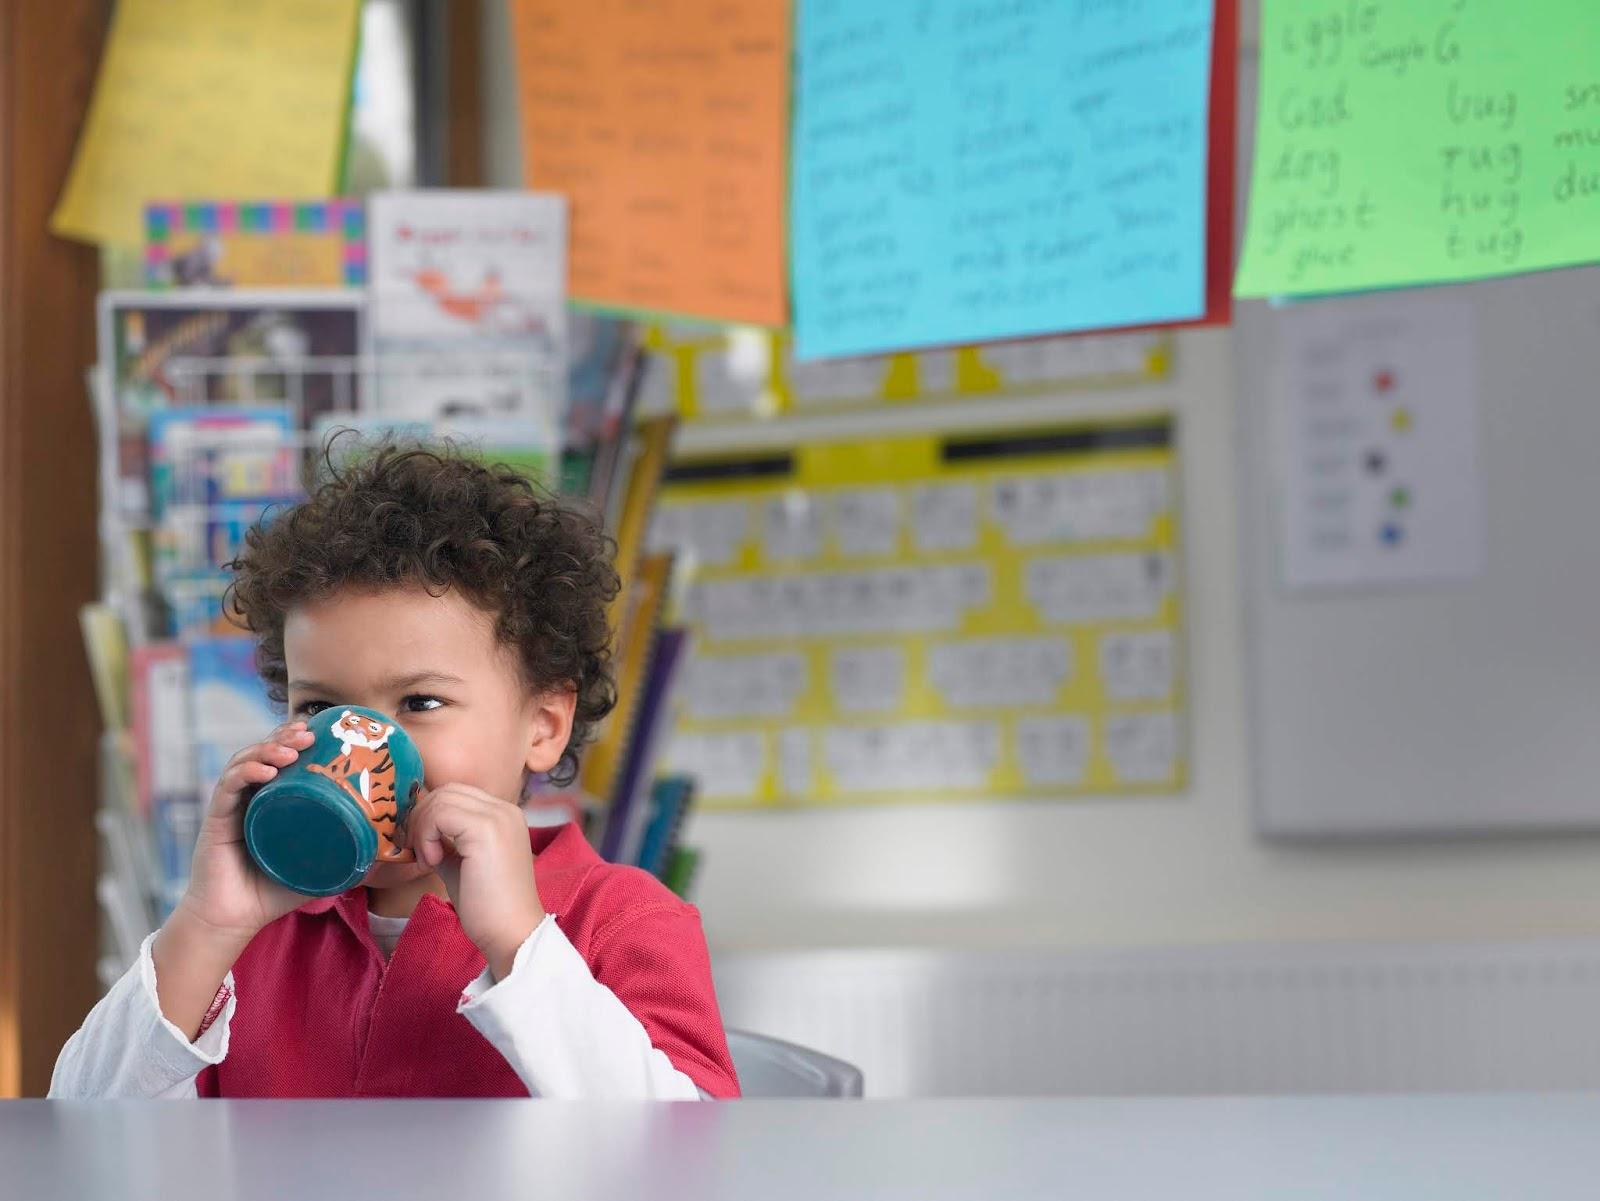 Kla Schools Plainfield: 3 Key Factors That Will Help You